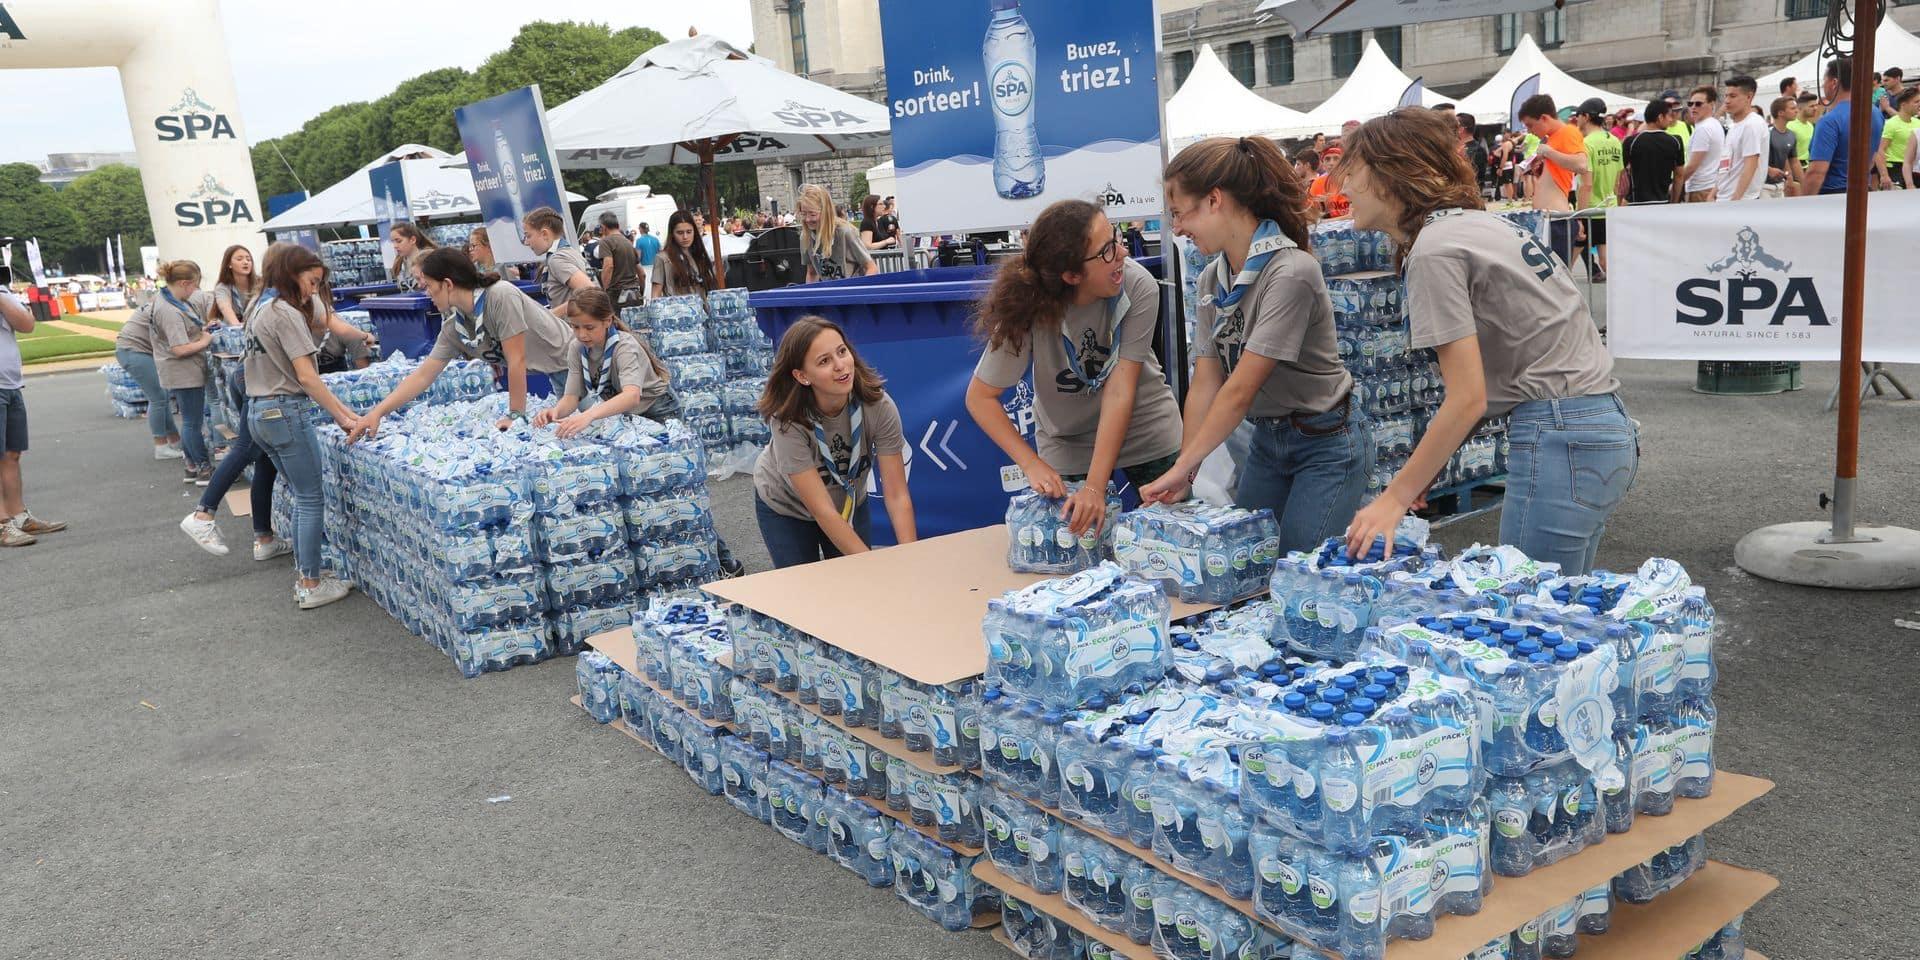 20 Km: 5,6 tonnes de déchets bleus recyclés